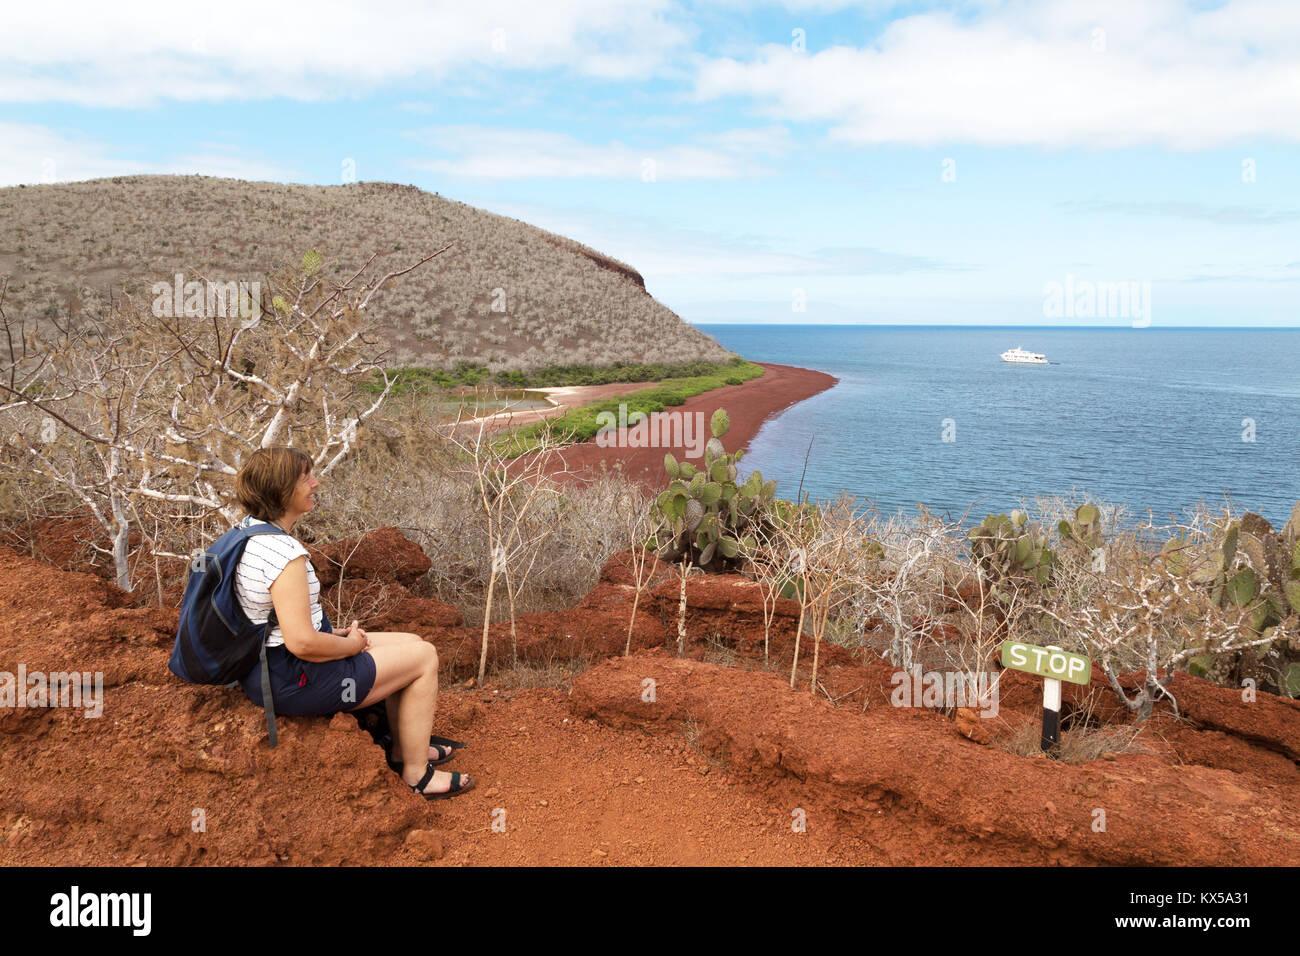 Isola Galapagos paesaggio - un turista godendo della vista isola Rabida, Isole Galapagos Ecuador America del Sud Foto Stock